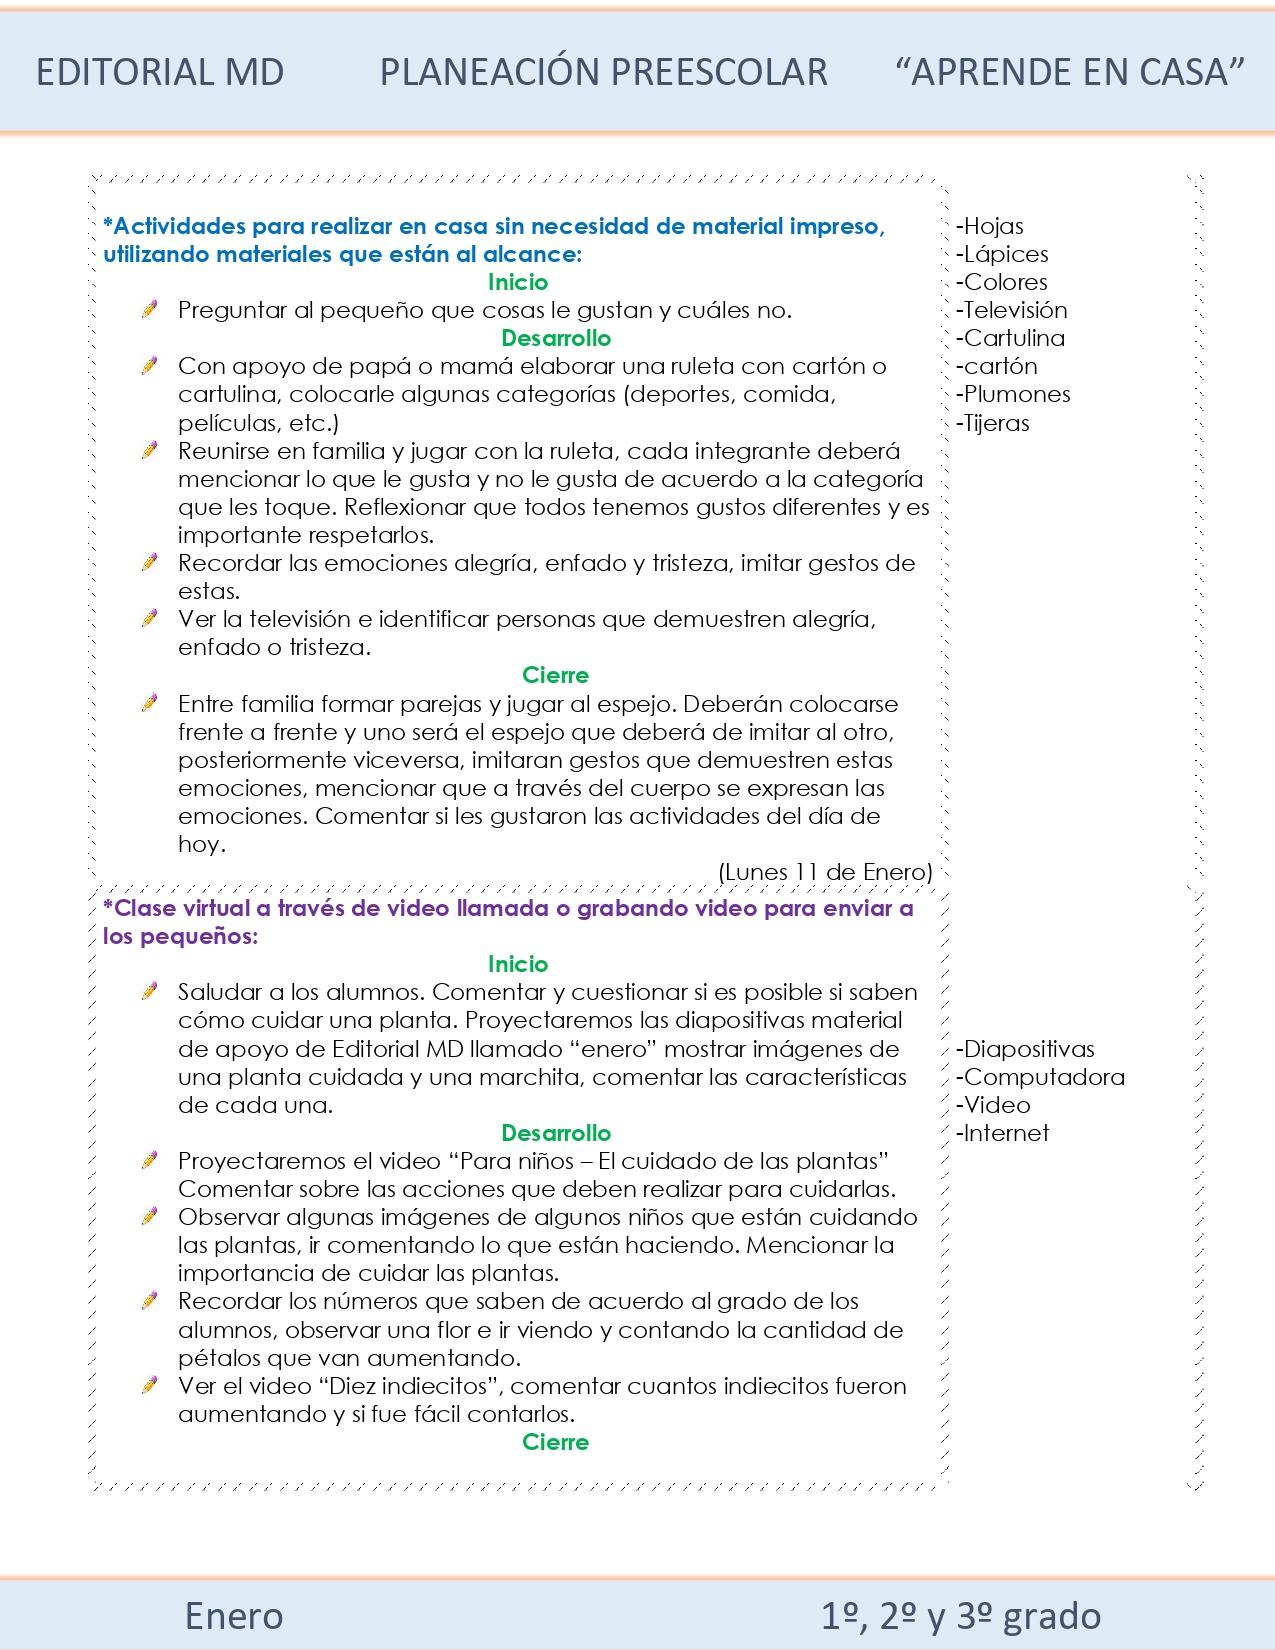 Ejemplo planeación Preescolar del 11 al 15 de enero 2021 semana 18